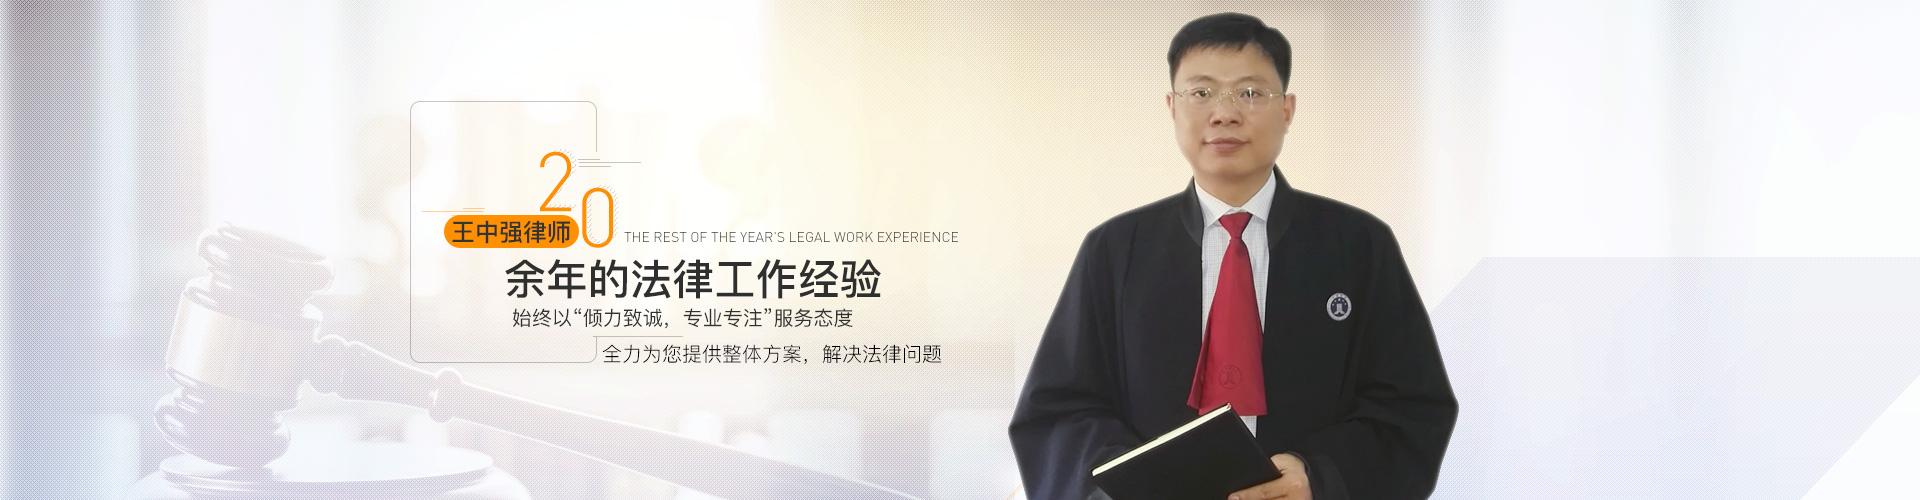 浙江王中强律师